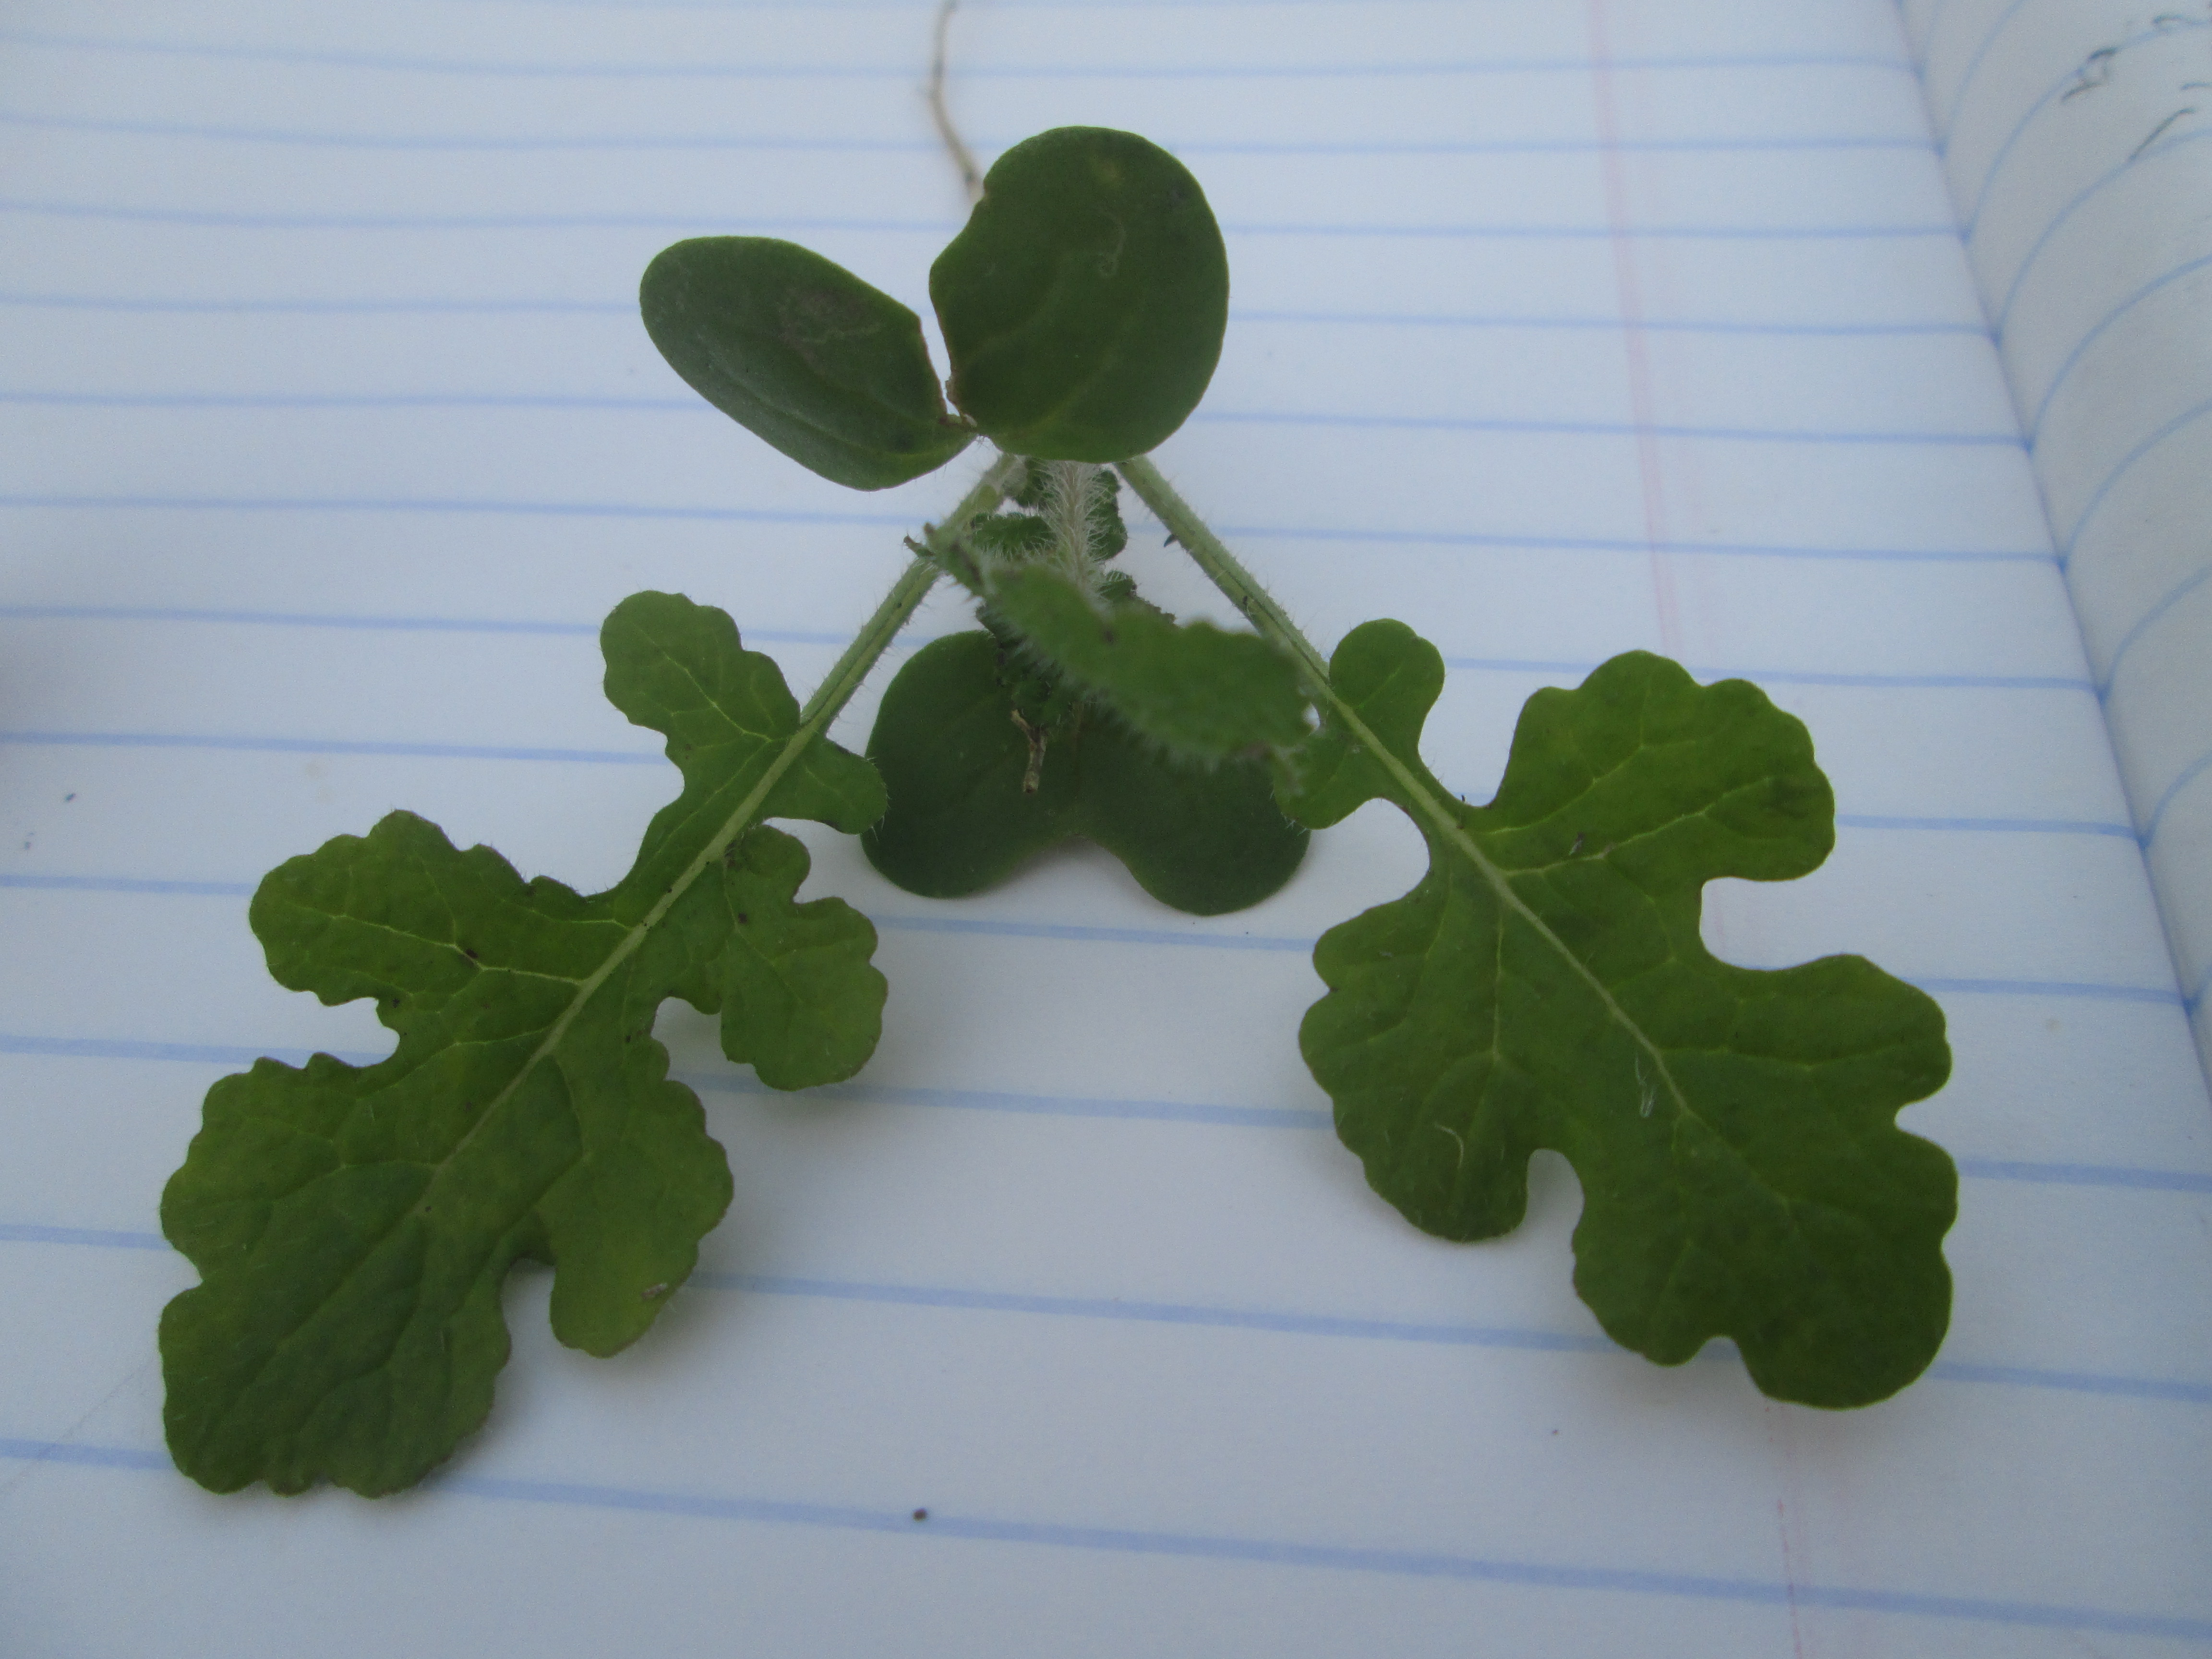 צמח חרדל צעיר עם נבט